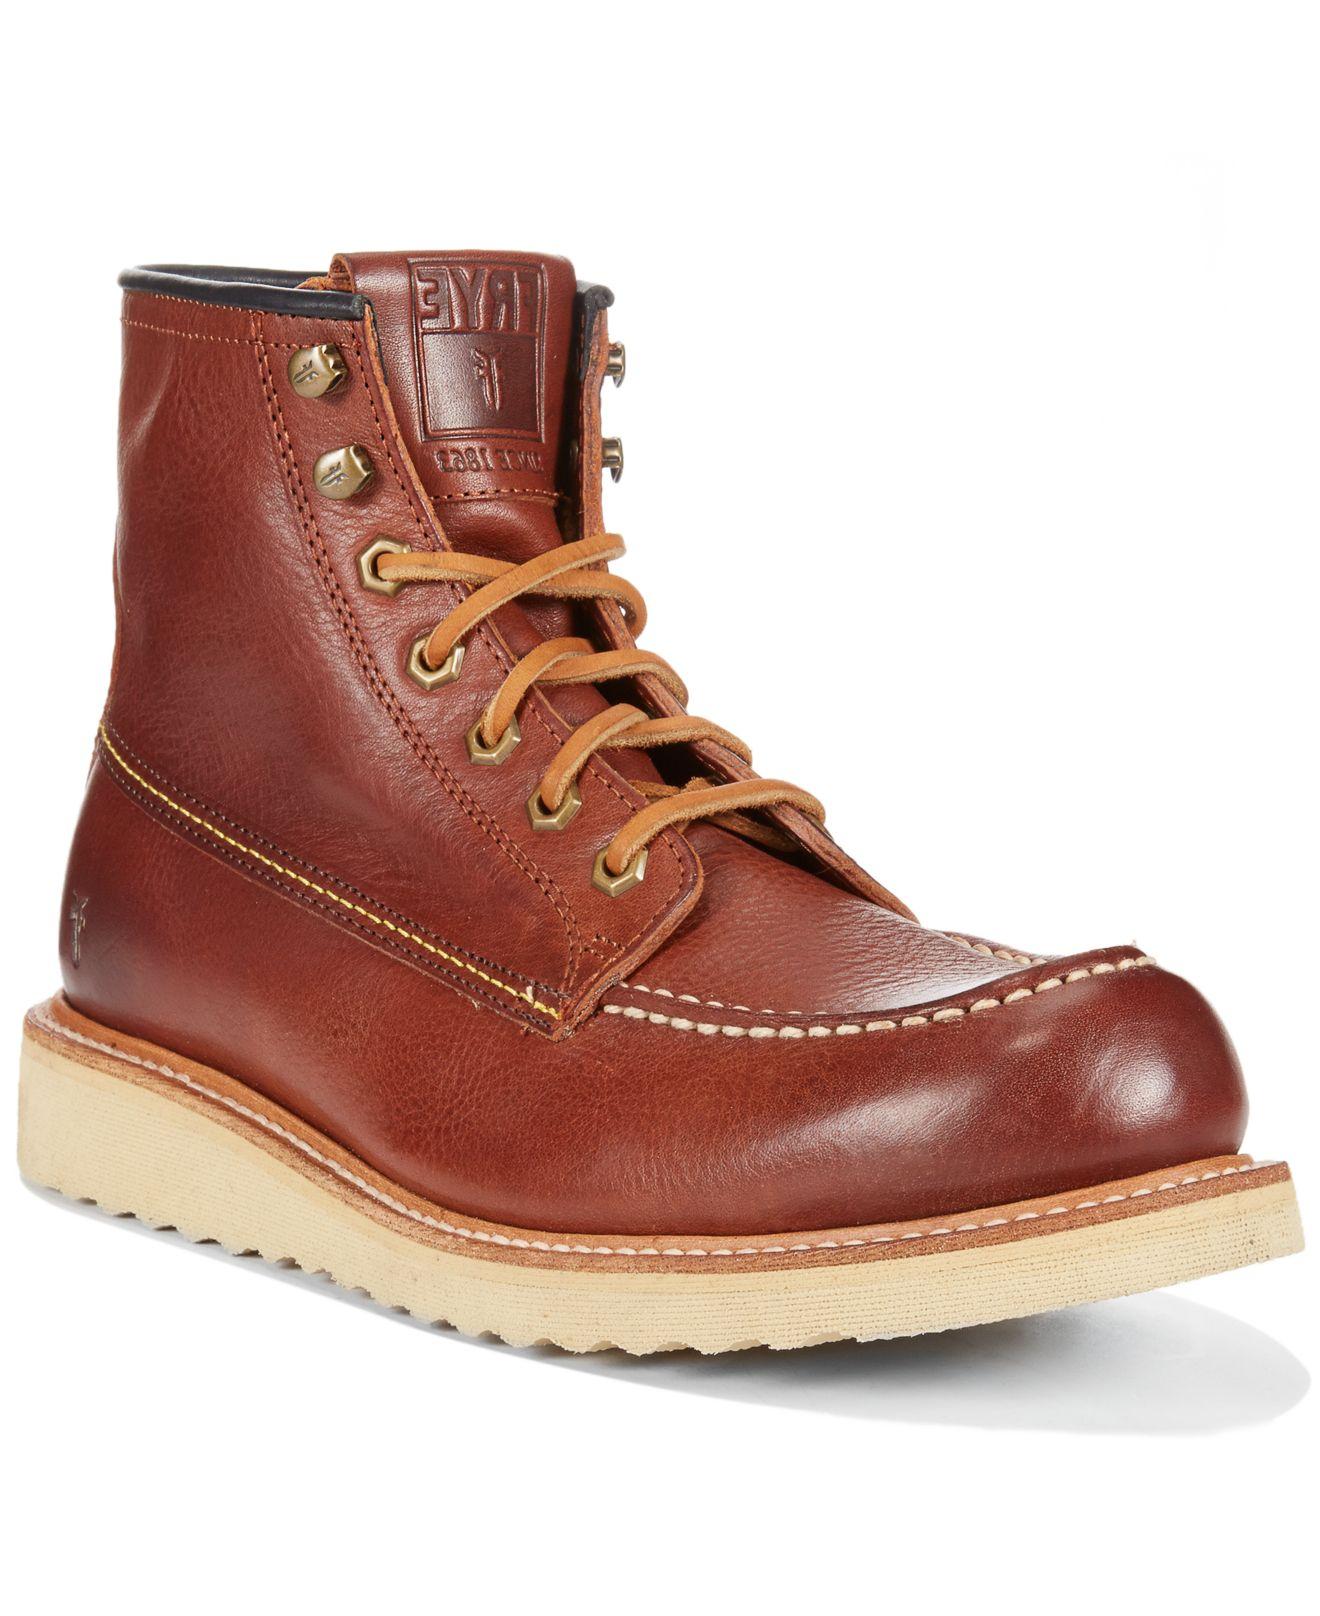 Aldo Shoes Men Australia